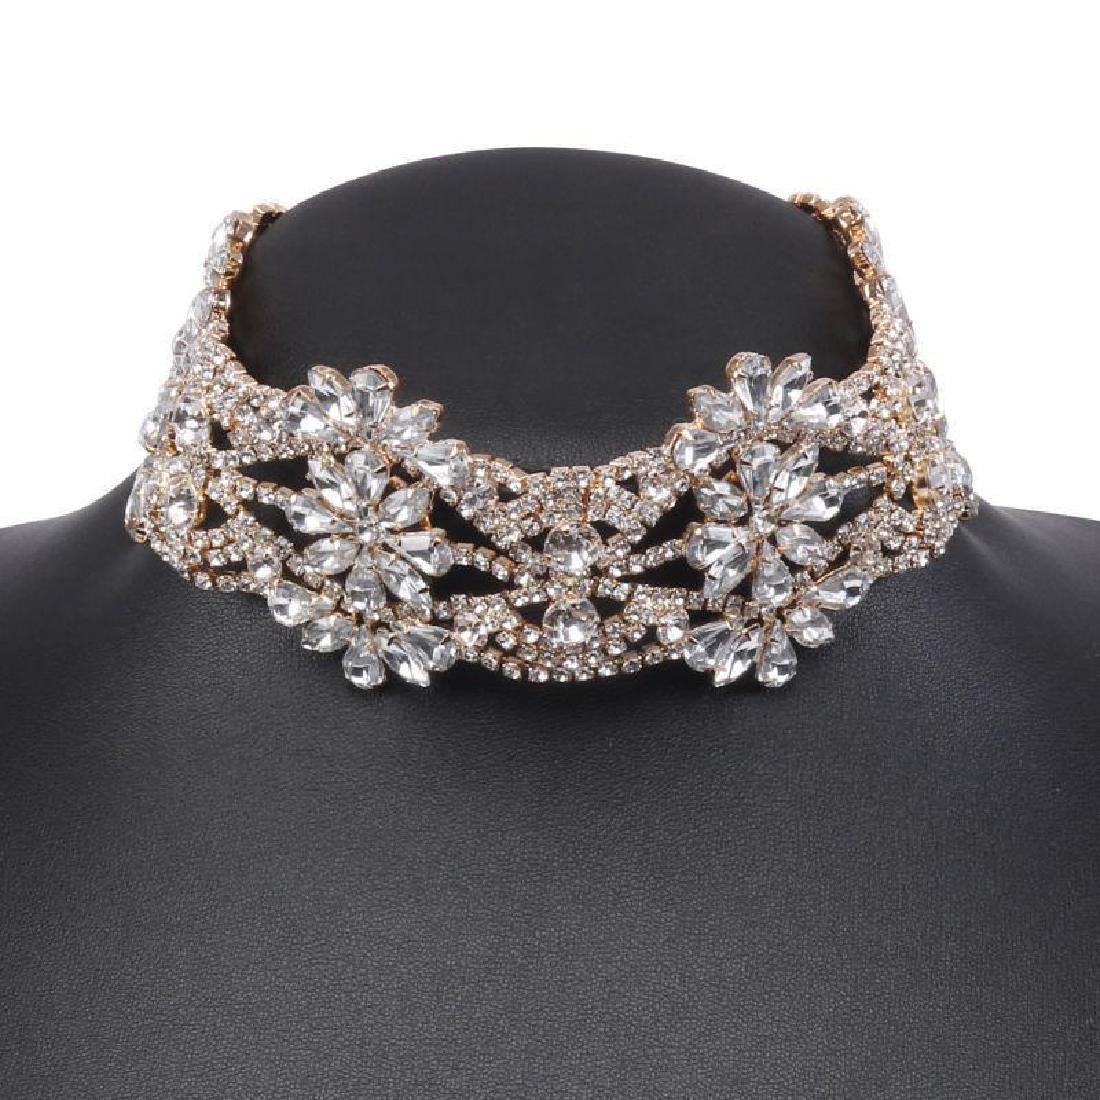 Holylove Rhinestone Crystal Charm Wide Collar Bib